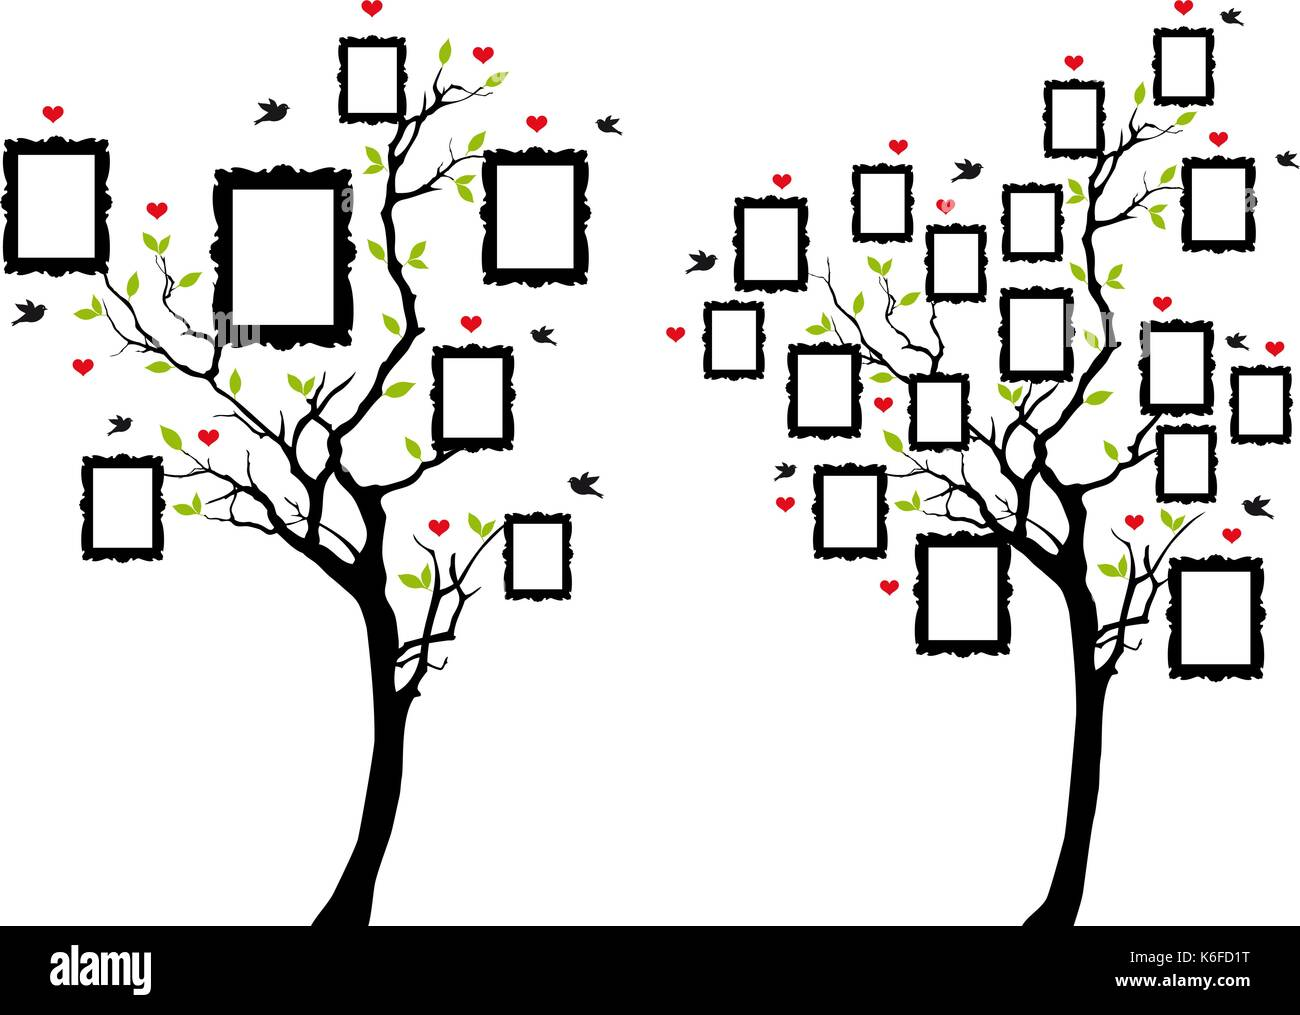 Árbol de familia con los marcos de imagen en blanco, ilustración ...